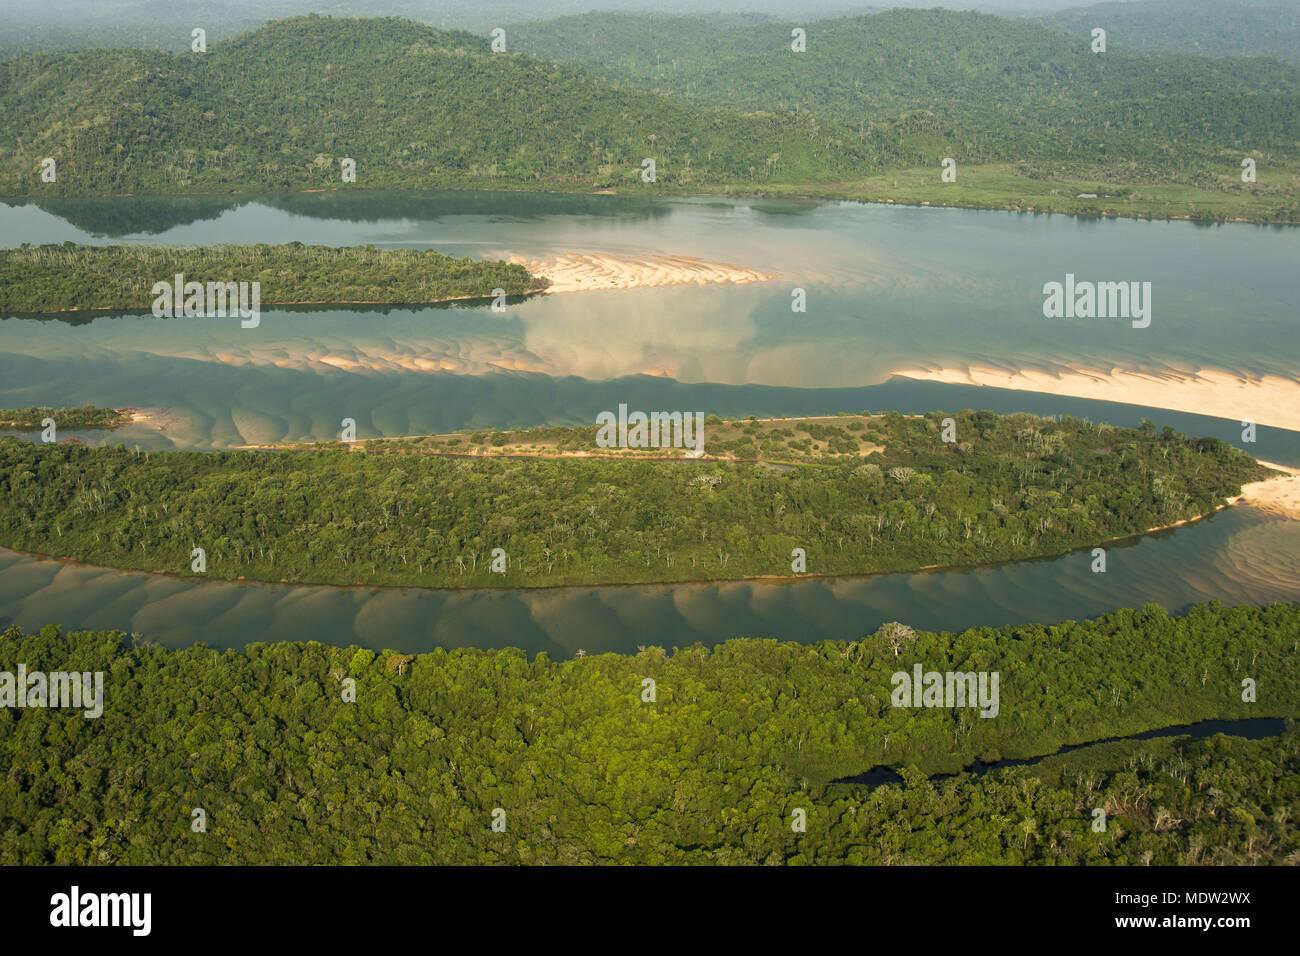 Vista aérea del río Xingu en el período de reflujo Imagen De Stock